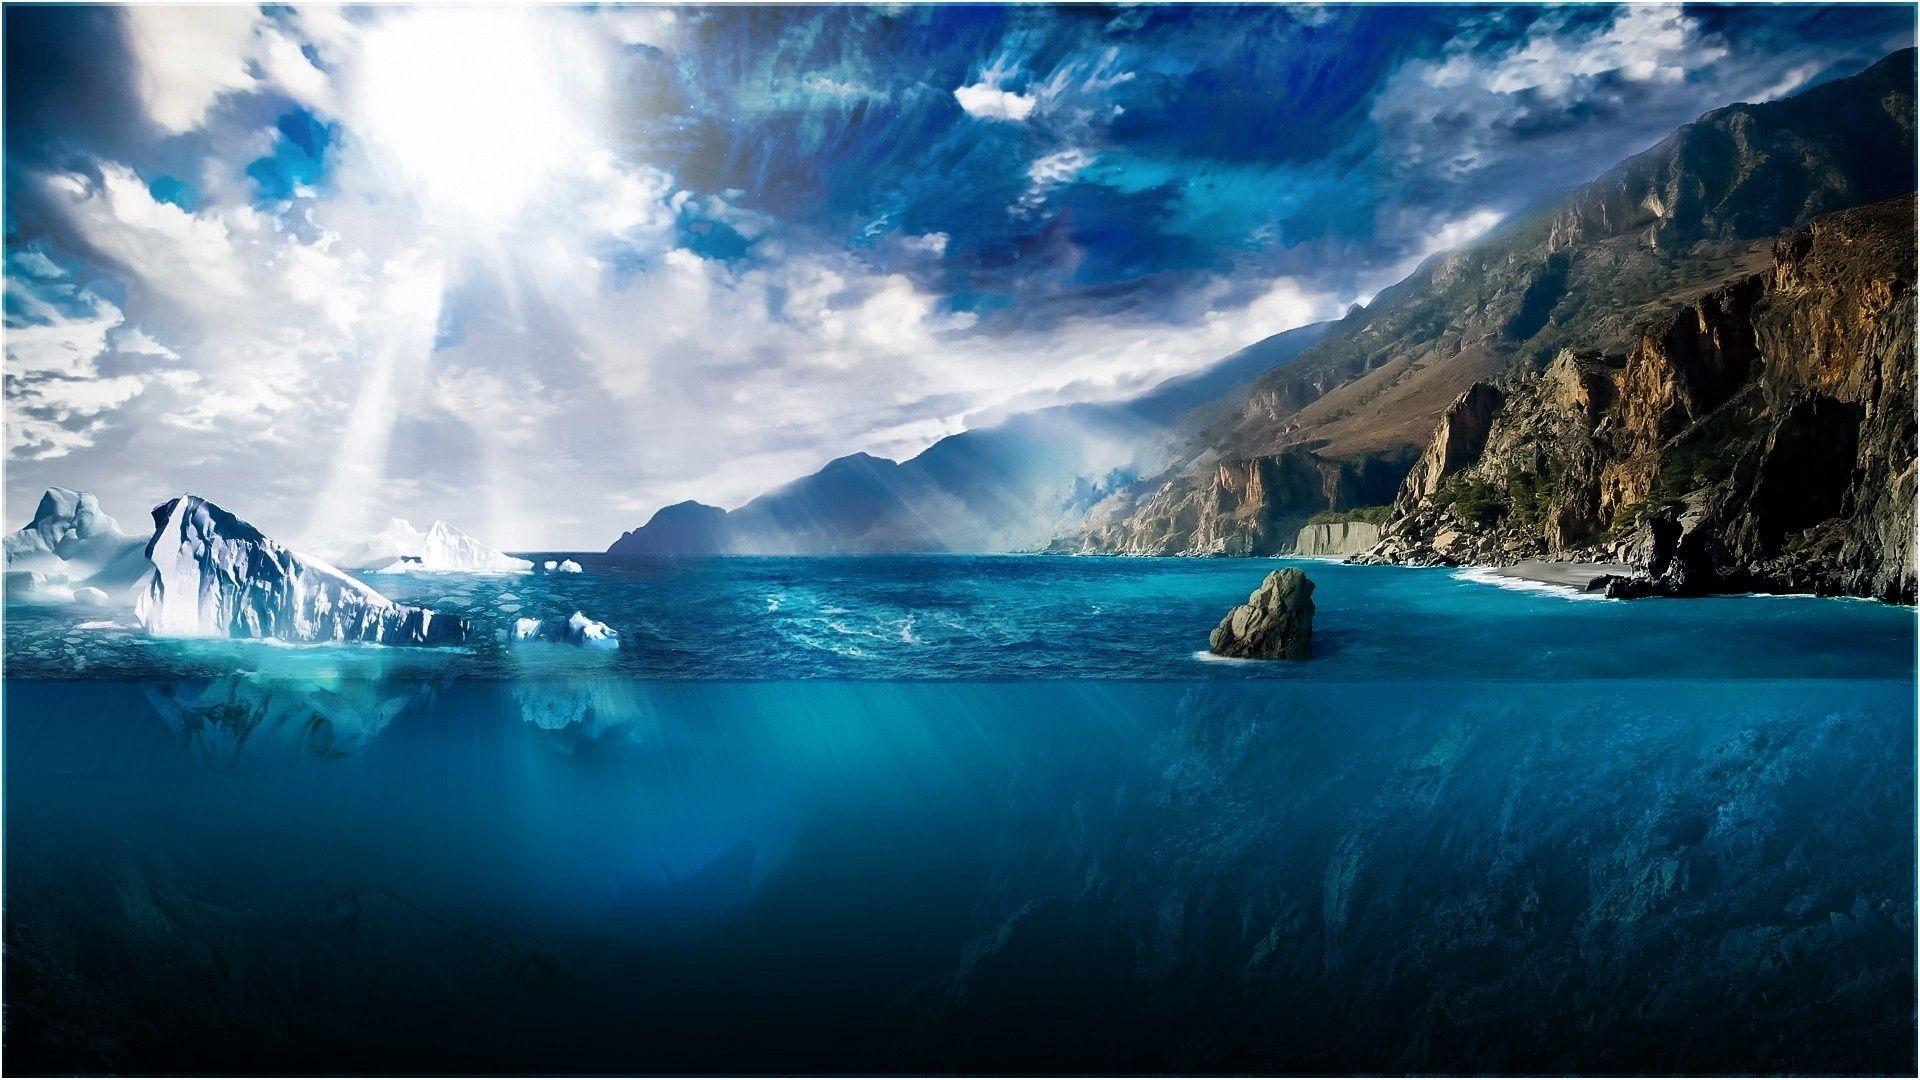 102540壁紙のダウンロード自然, 輝く, 光, ビーム, 光線, 海, 海洋, 大洋, 流氷, 氷, 水, 深さ, 切開, 節, サン-スクリーンセーバーと写真を無料で